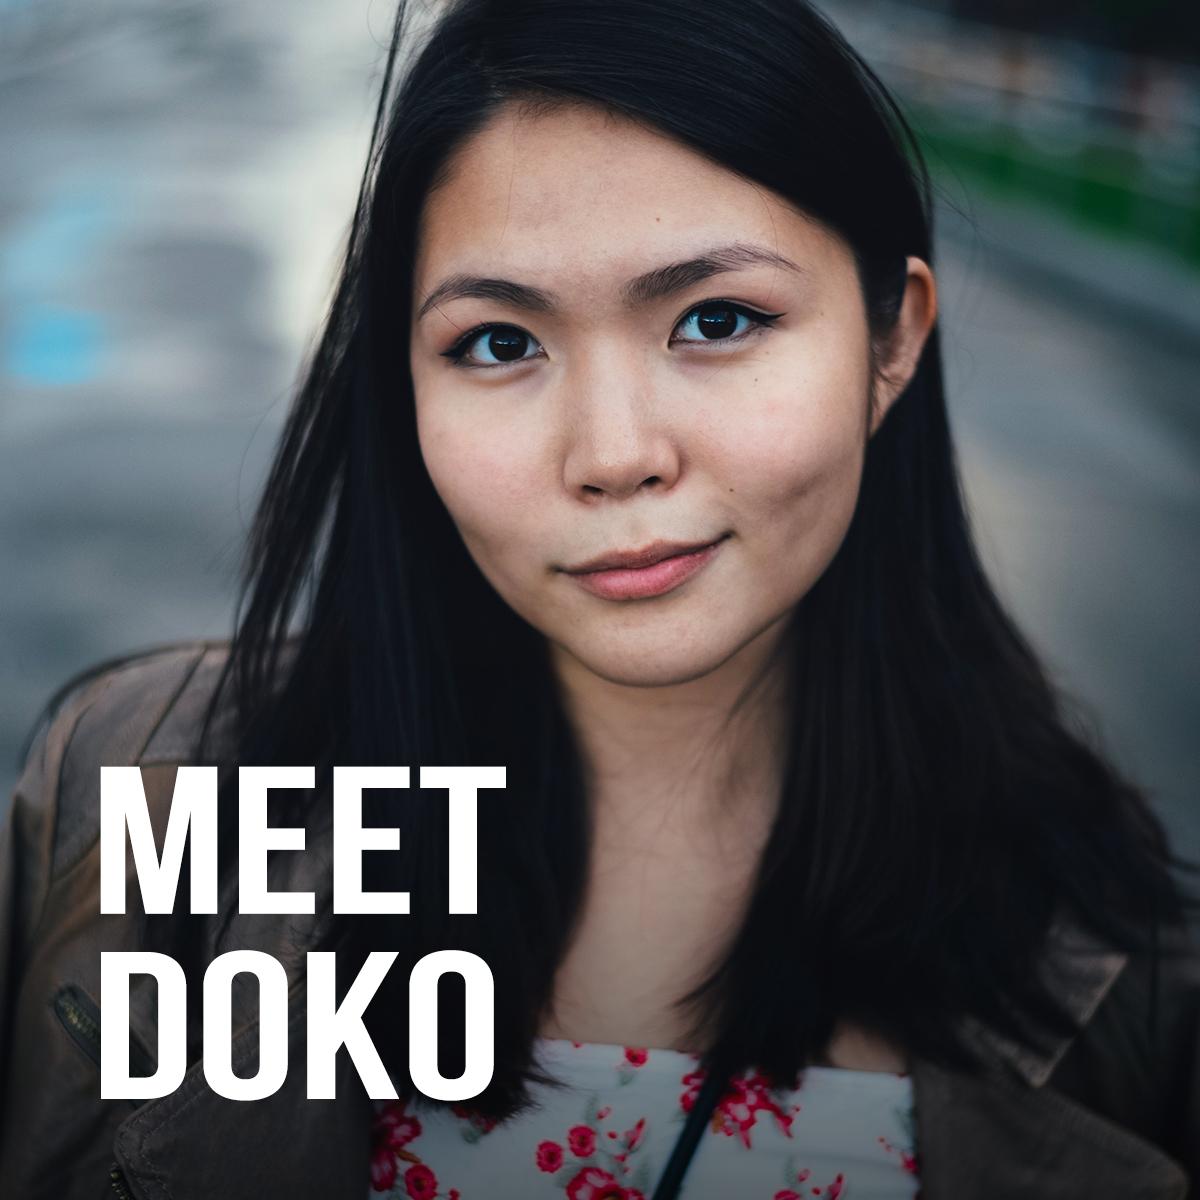 Meet Doko